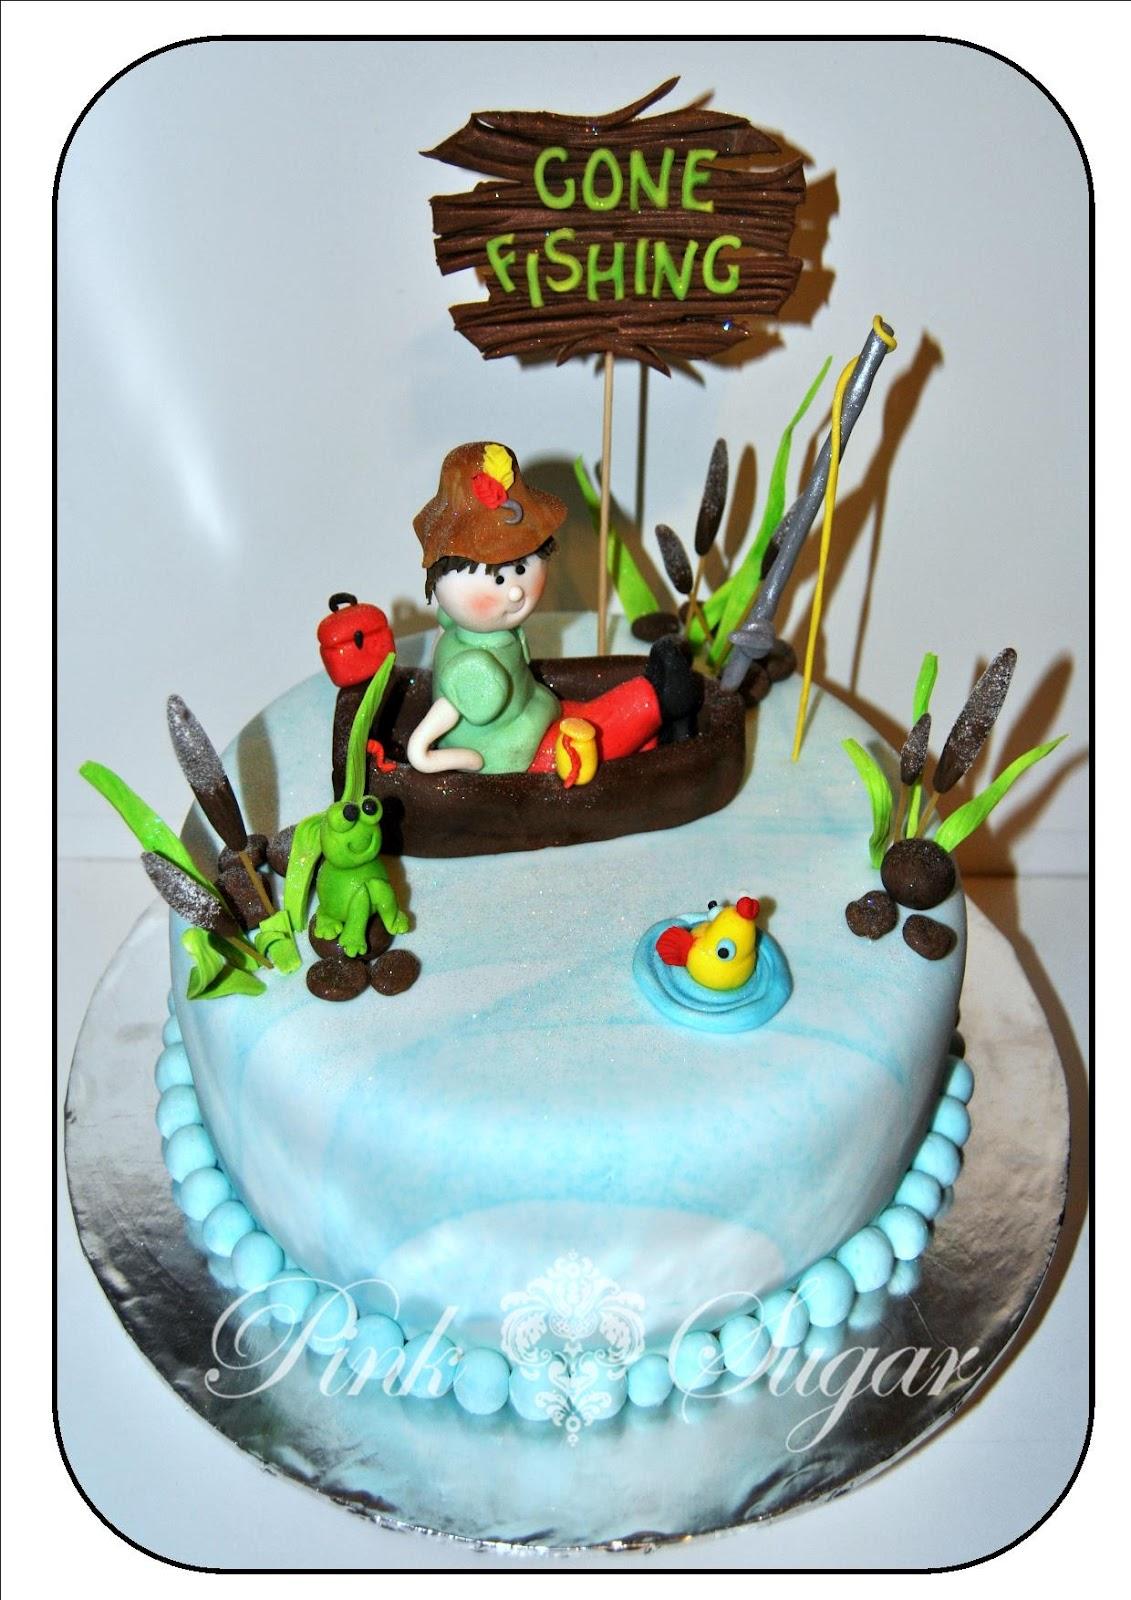 Pink Sugar Gone Fishing Cake